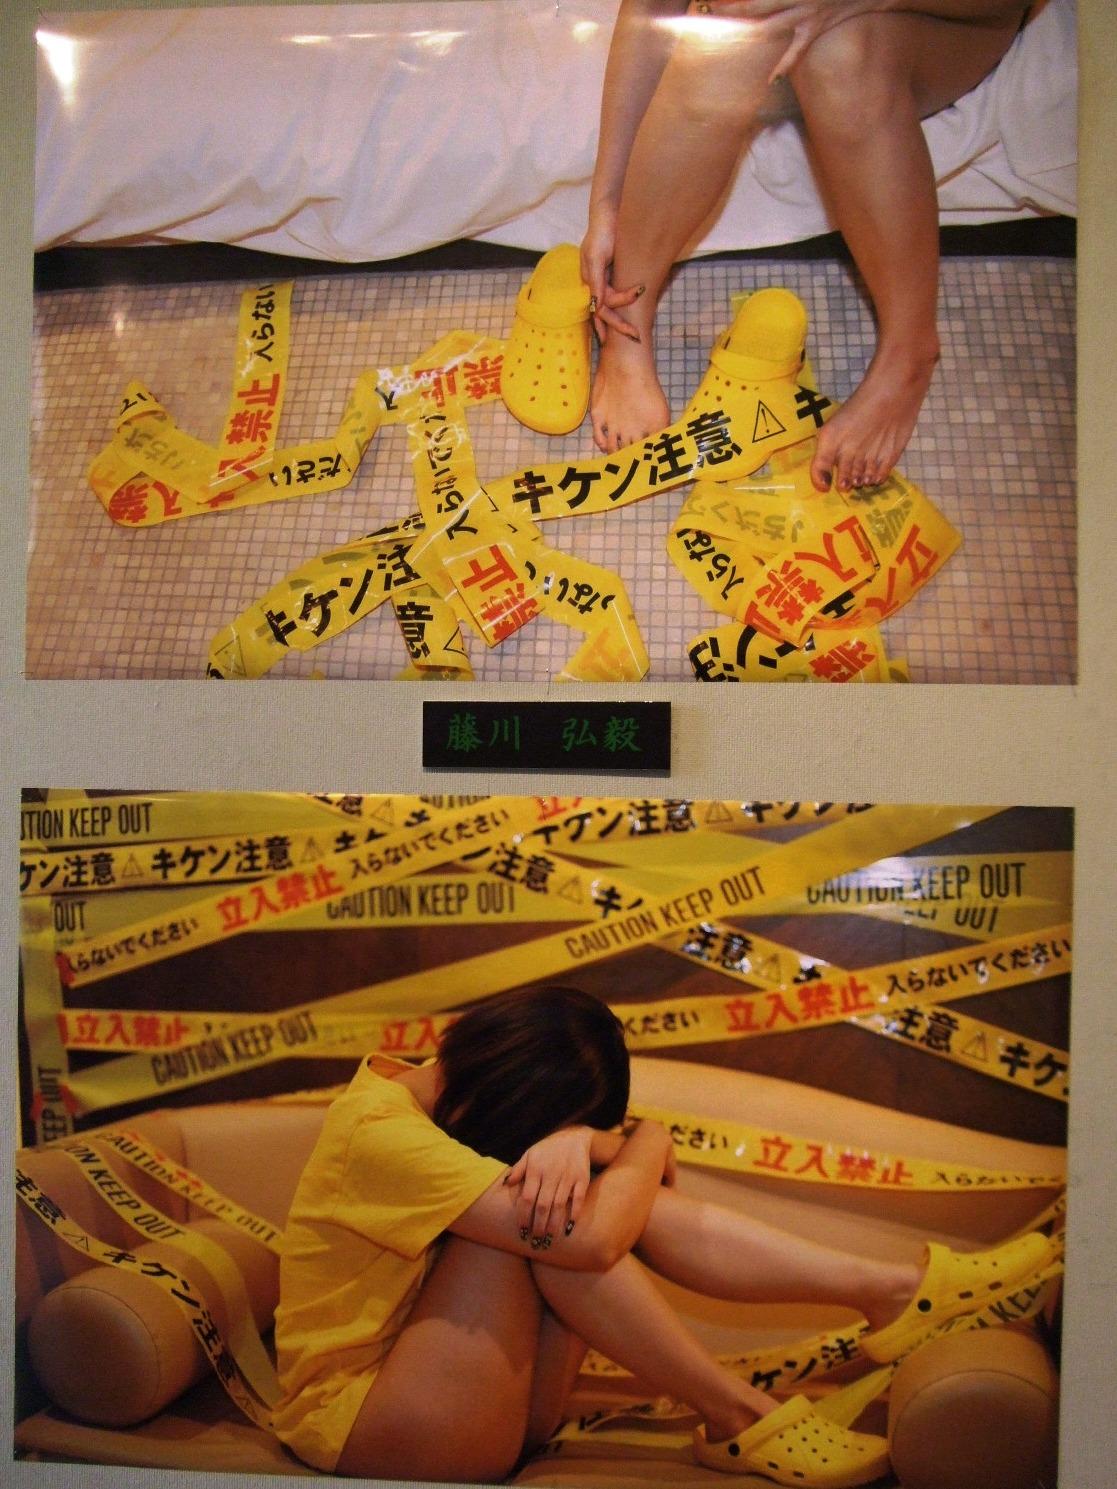 1271) 資料館 「ぽんち展 7 ~黄色い写真展~」 4月13日(火)~4月25日(日)  _f0126829_19264269.jpg